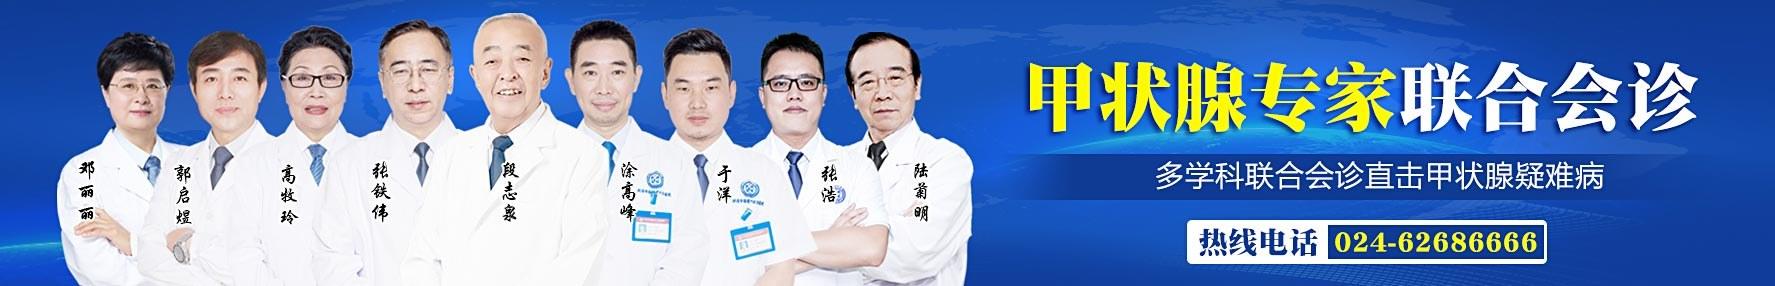 沈阳市国医甲状腺医院